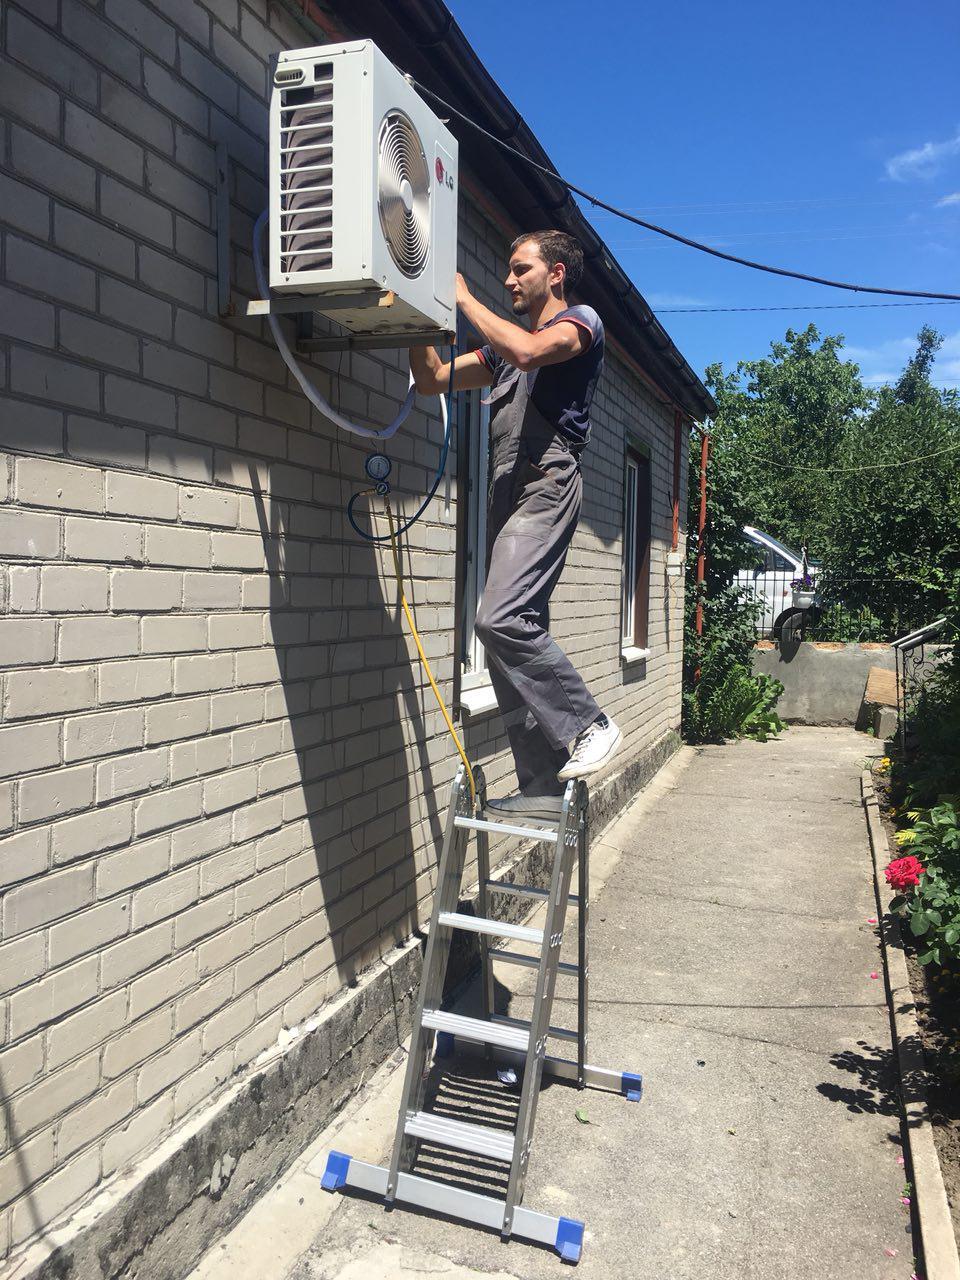 Фото Монтаж внешнего блока кондиционера в загородном доме. Наша компания напоминает в среднем монтаж кондиционера длиться от 2-3 часов.